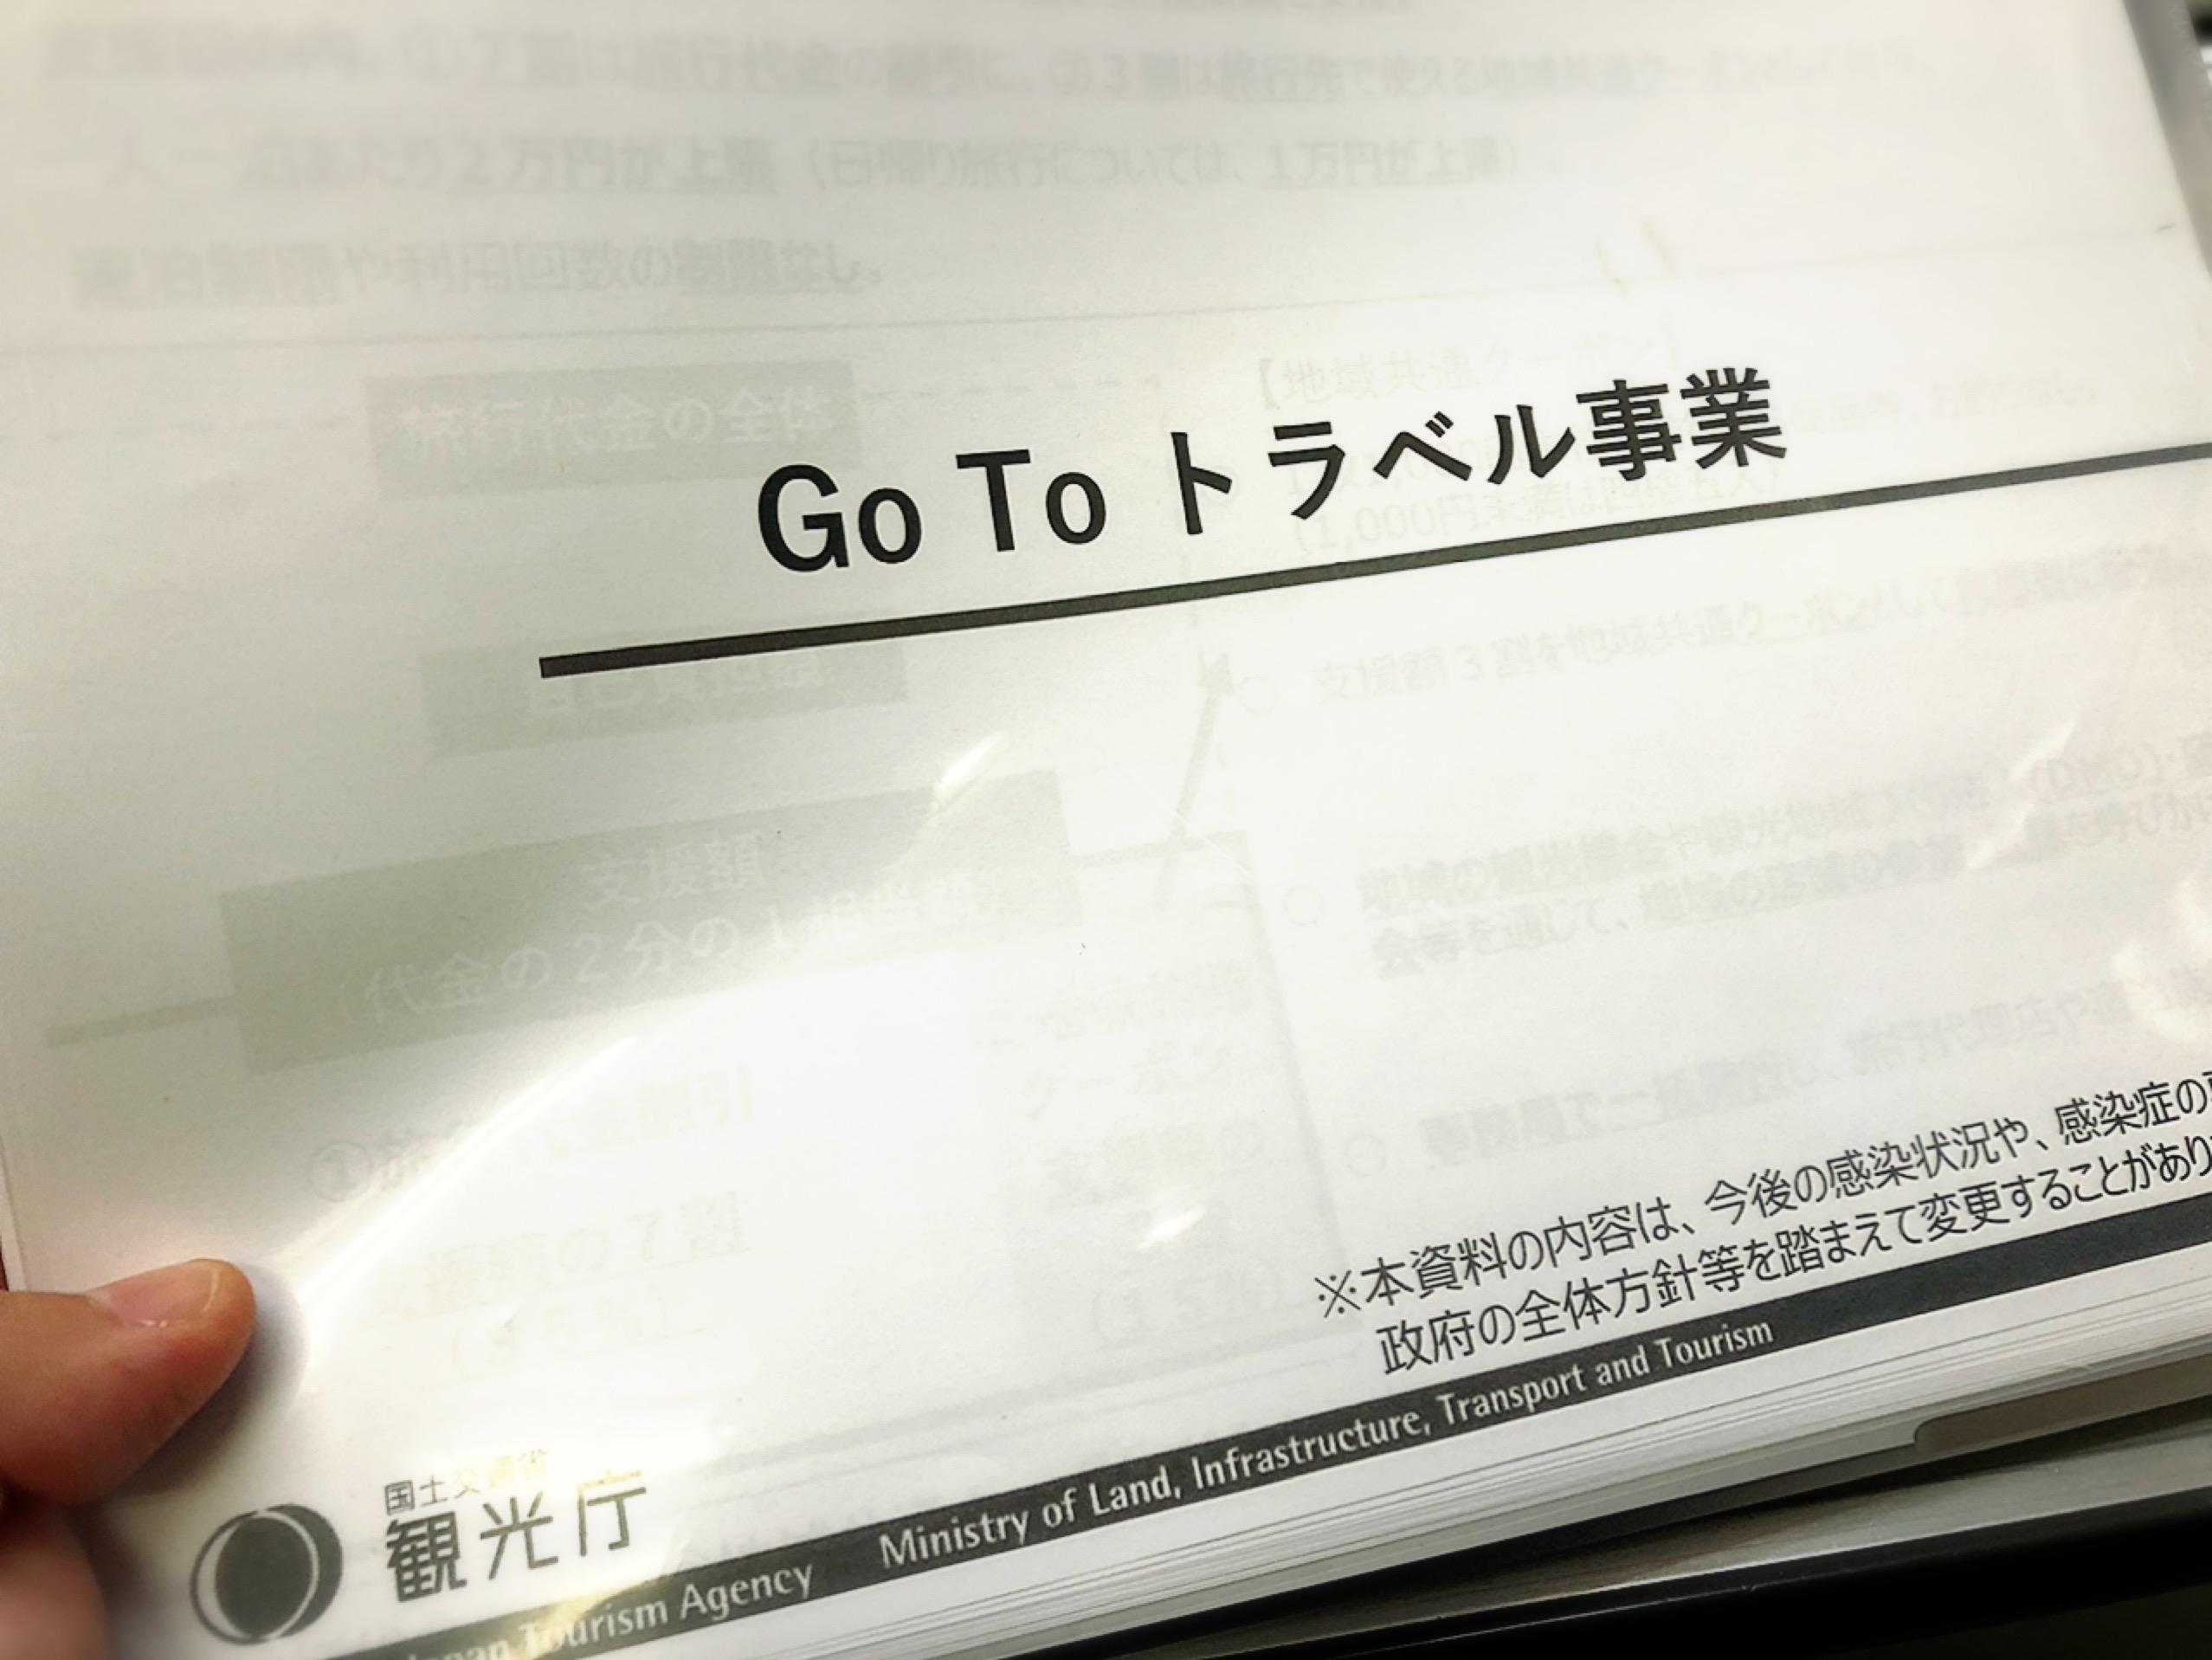 書 goto キャンペーン 領収 GoToトラベルキャンペーン ビジネス利用の領収書発行について